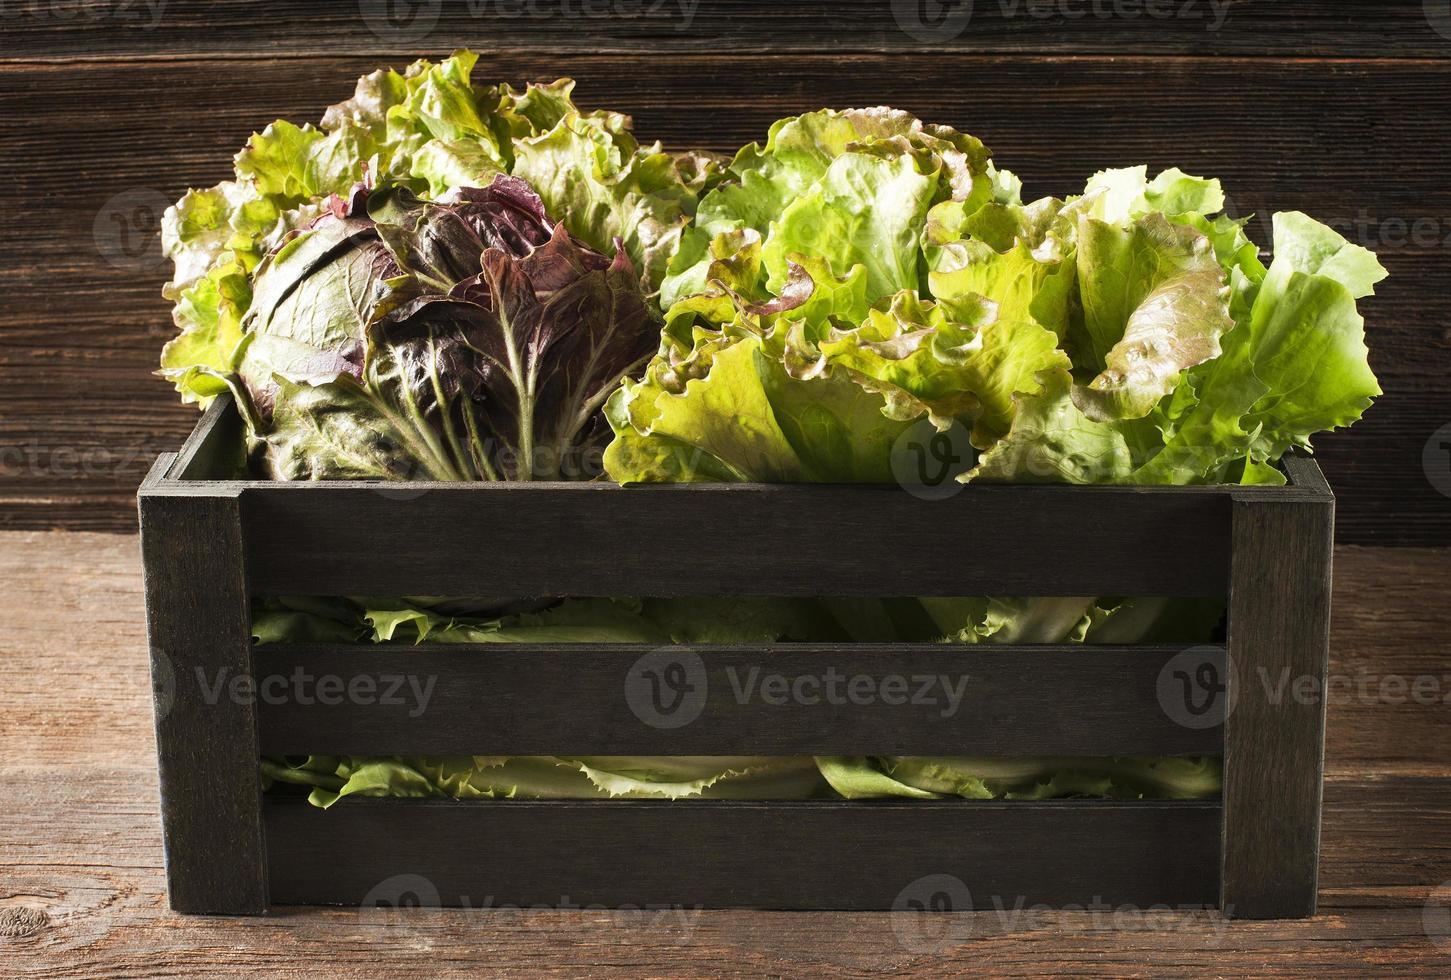 salade in doos foto